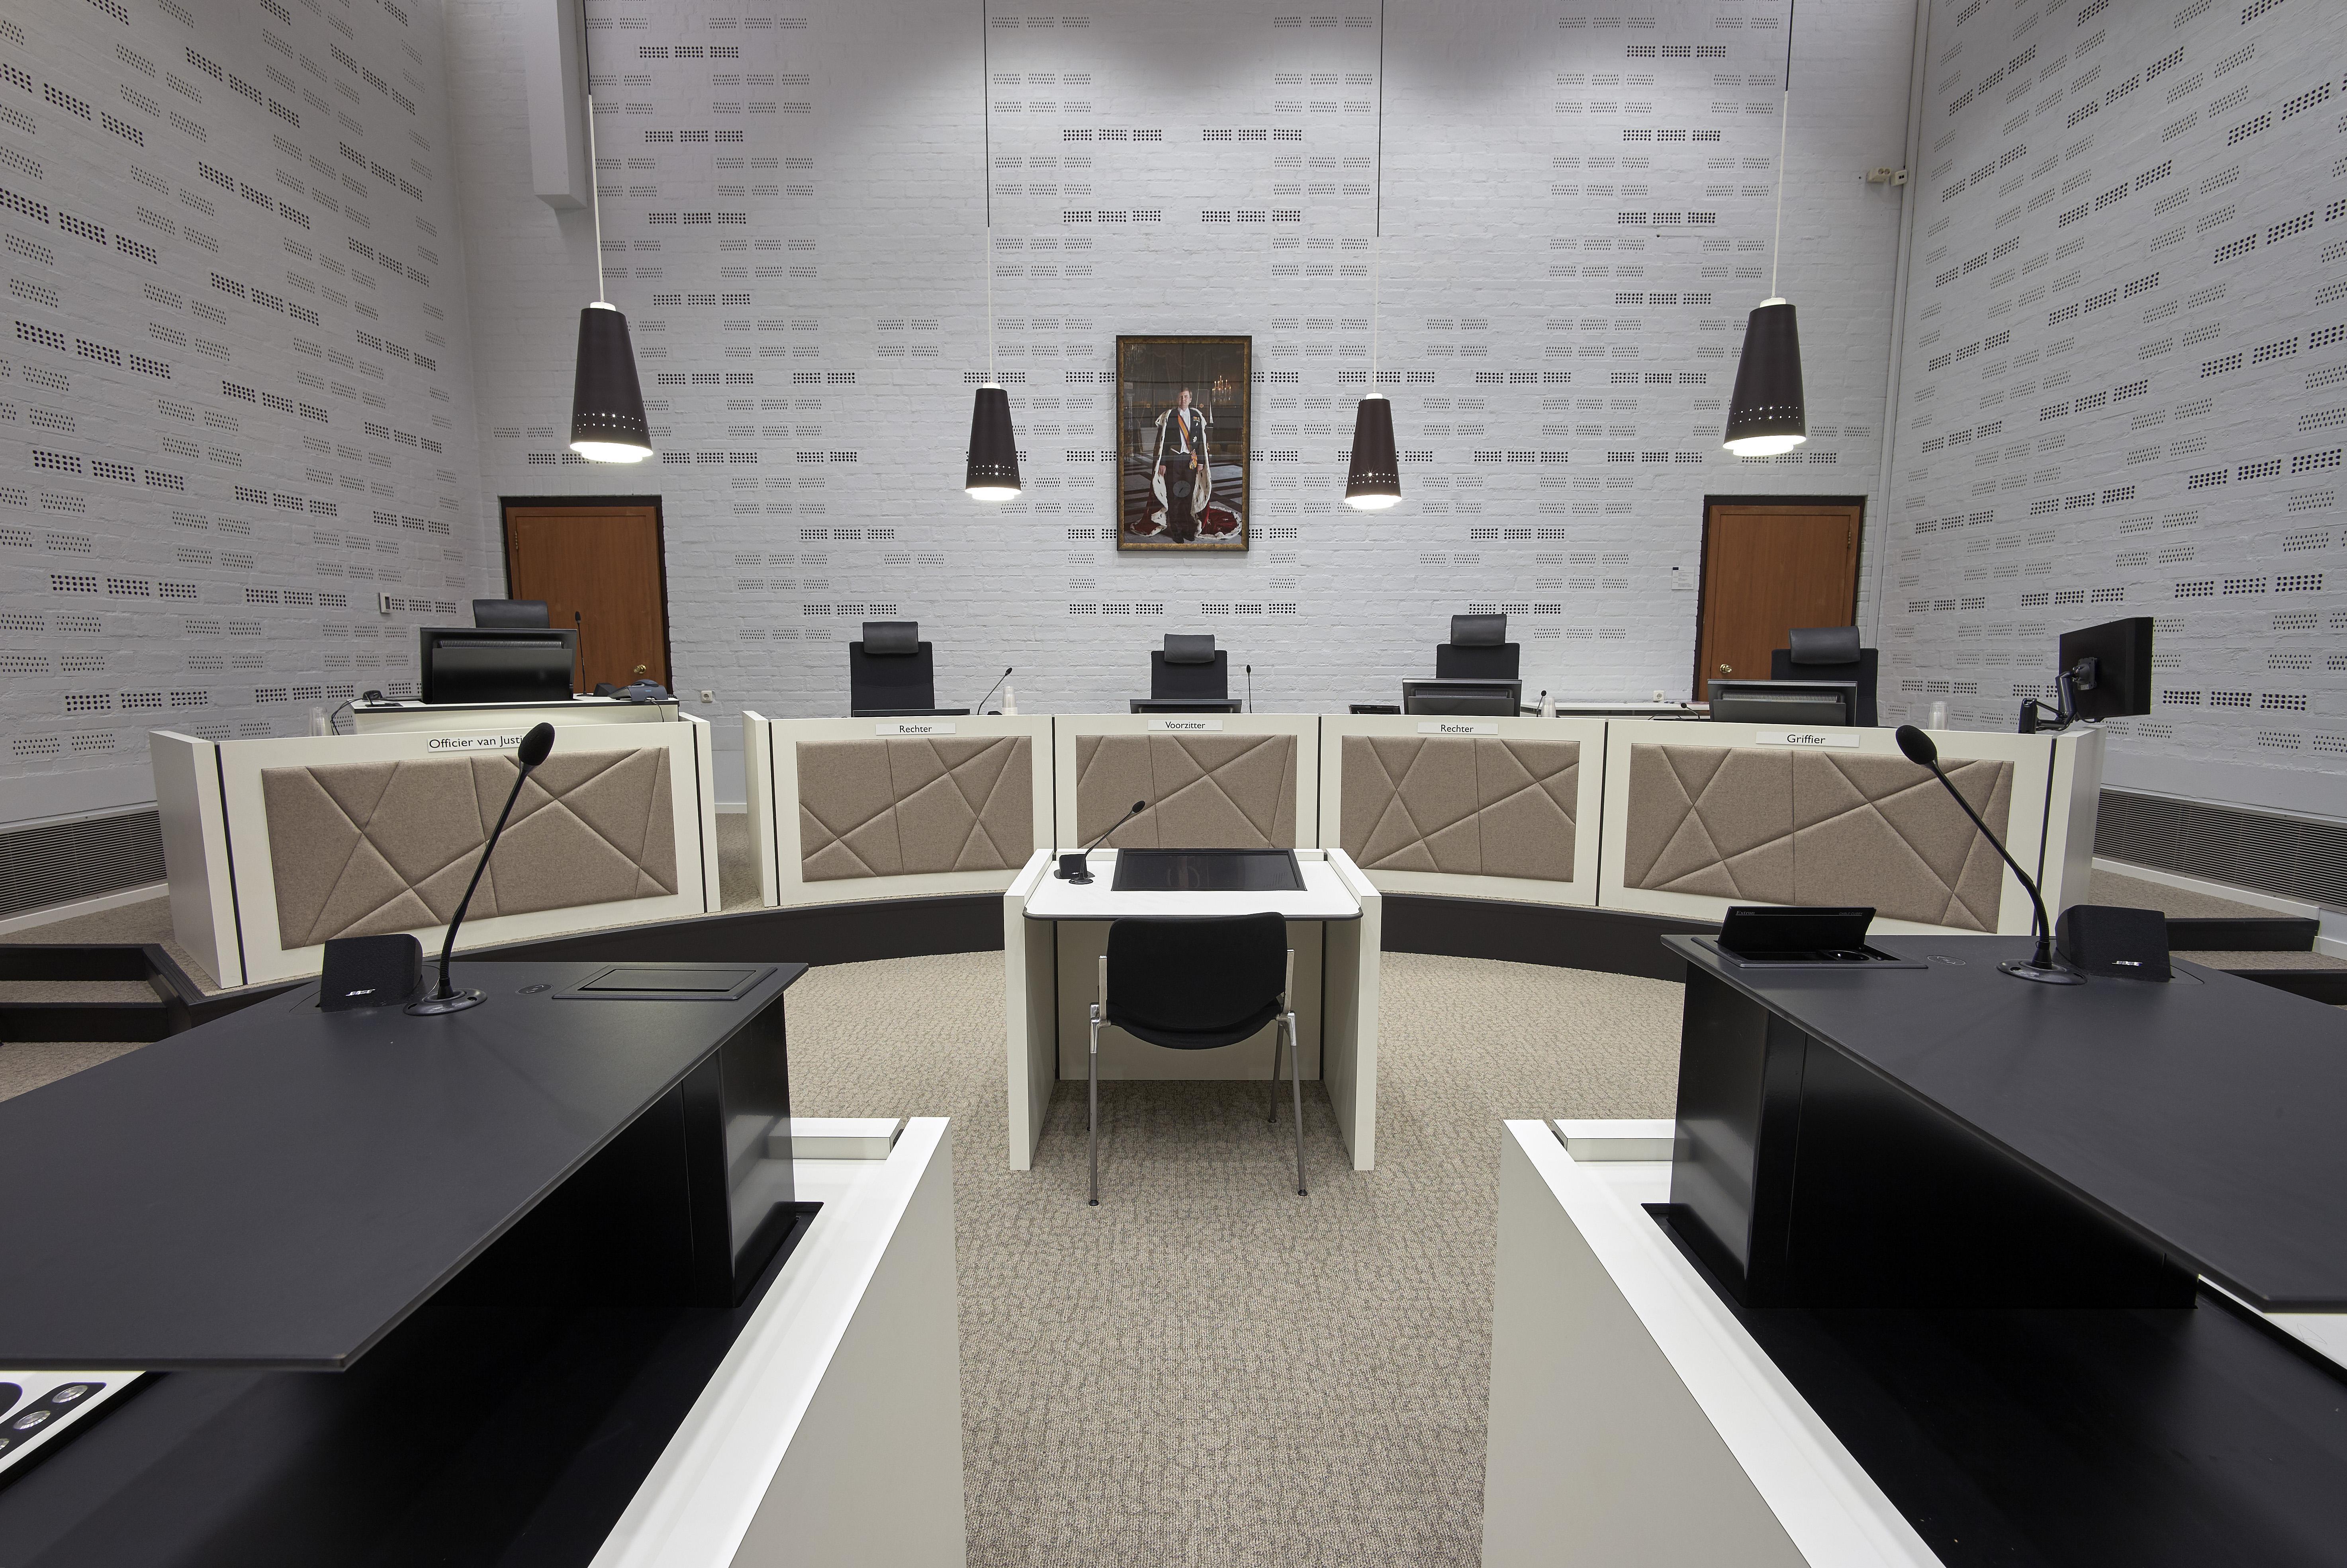 Onderwijzer basisschool Noordwijkerhout hoort twee jaar cel eisen wegens seksueel misbruik zeer jonge leerlingen. 'Meester heeft aan mijn plassertje gezeten', zeiden drie kinderen in de verhoorstudio